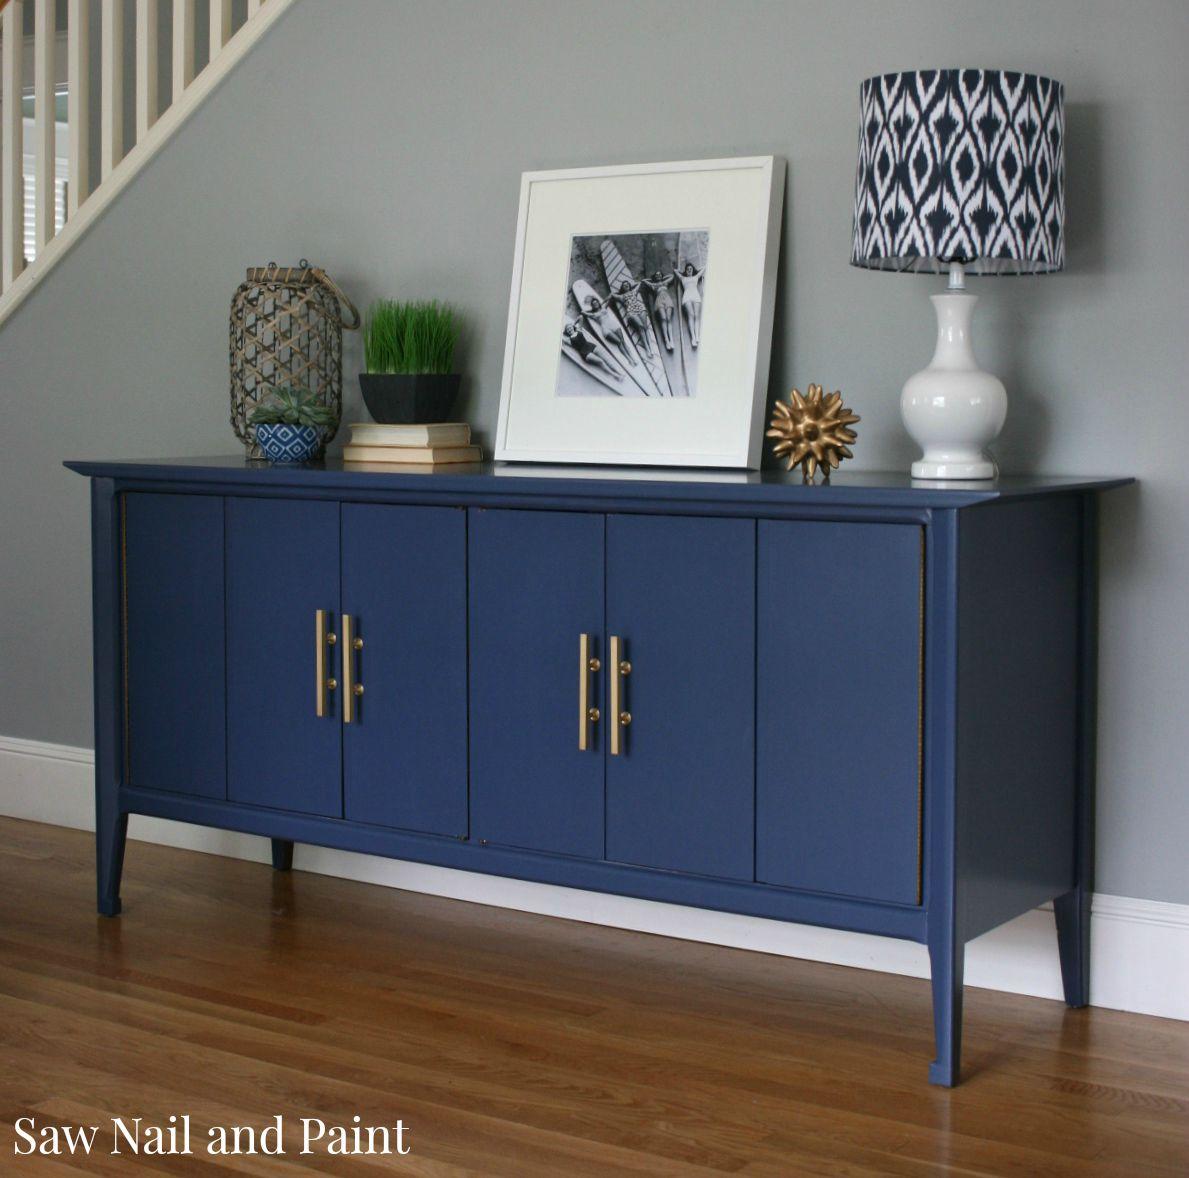 Indigo blue mid century buffet for Indigo kitchen cabinets